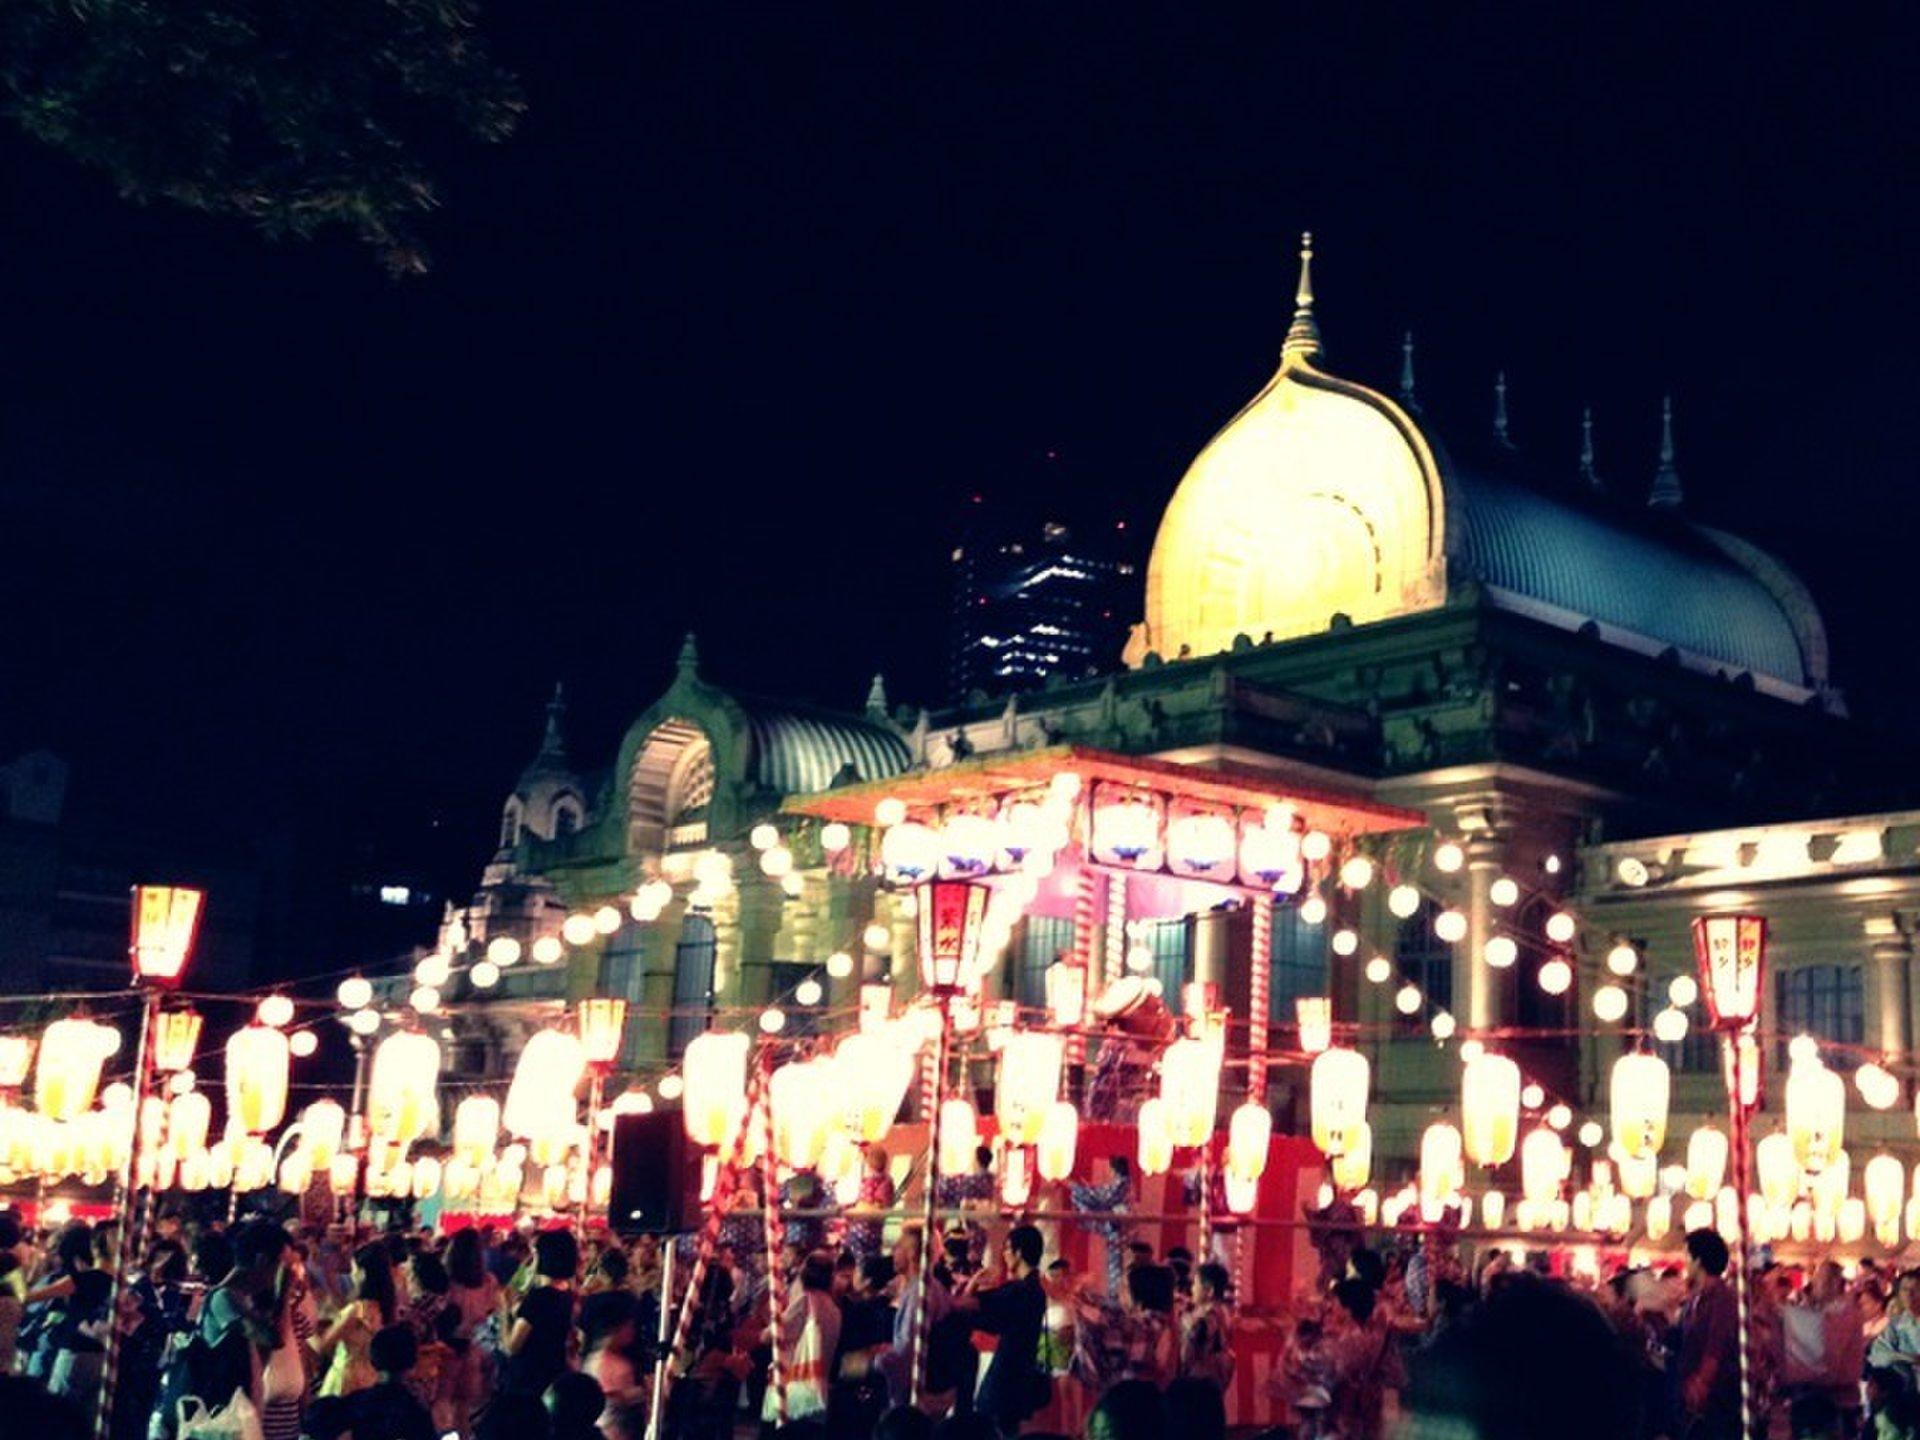 築地本願寺で年に一度の夏祭り!日本一屋台の美味しいお祭を楽しもう!デートにおすすめ